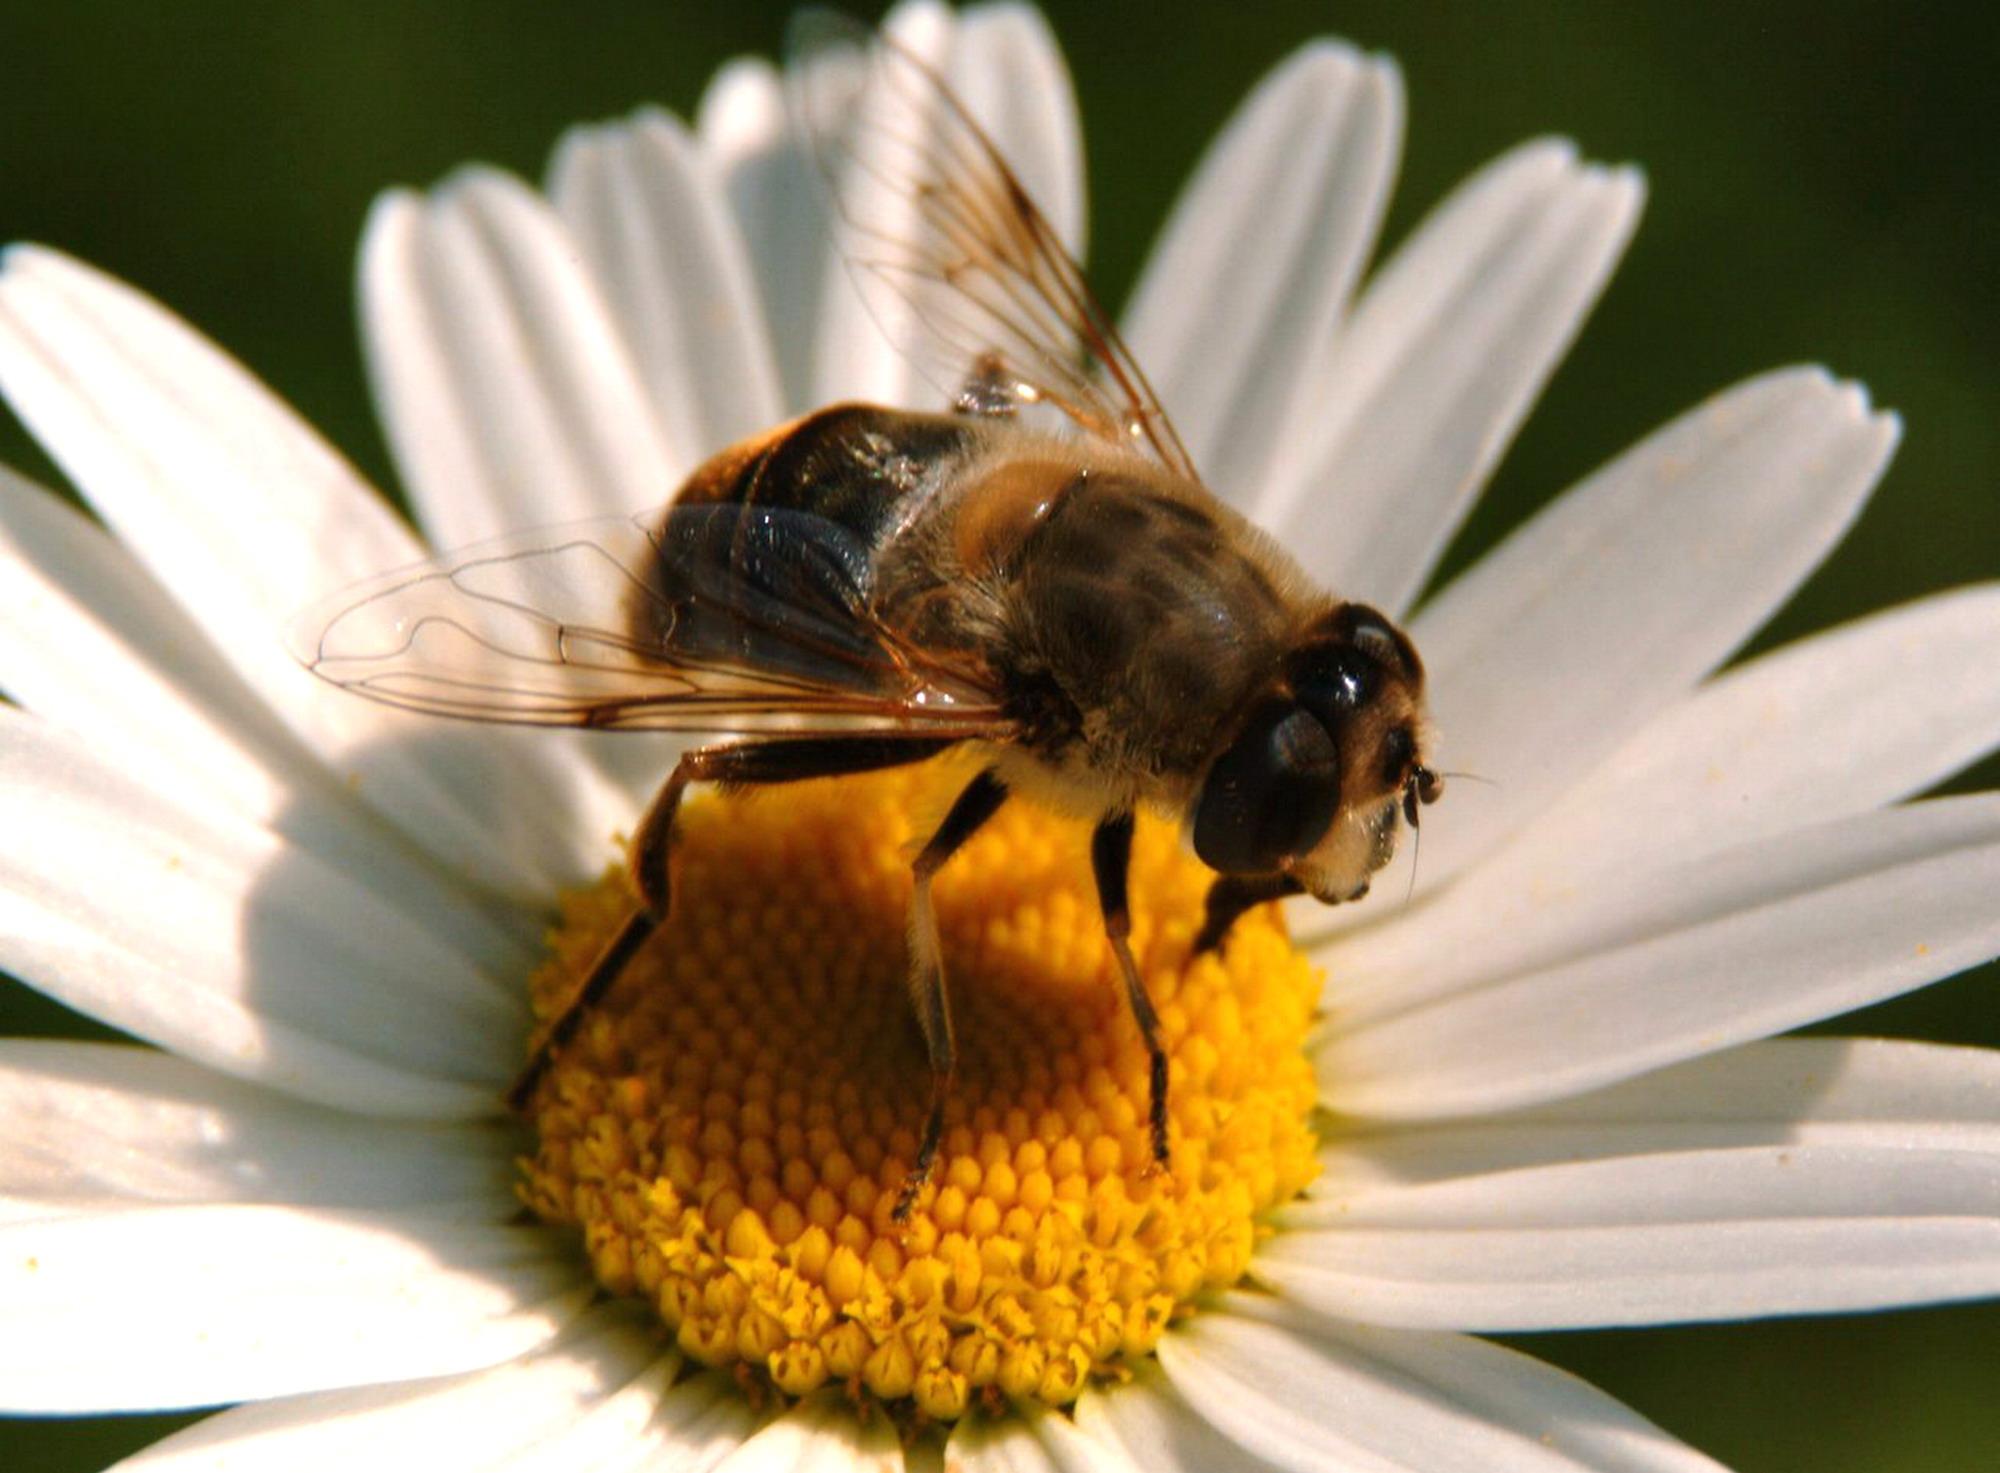 Inconvenienti estivi api vespe e zanzare